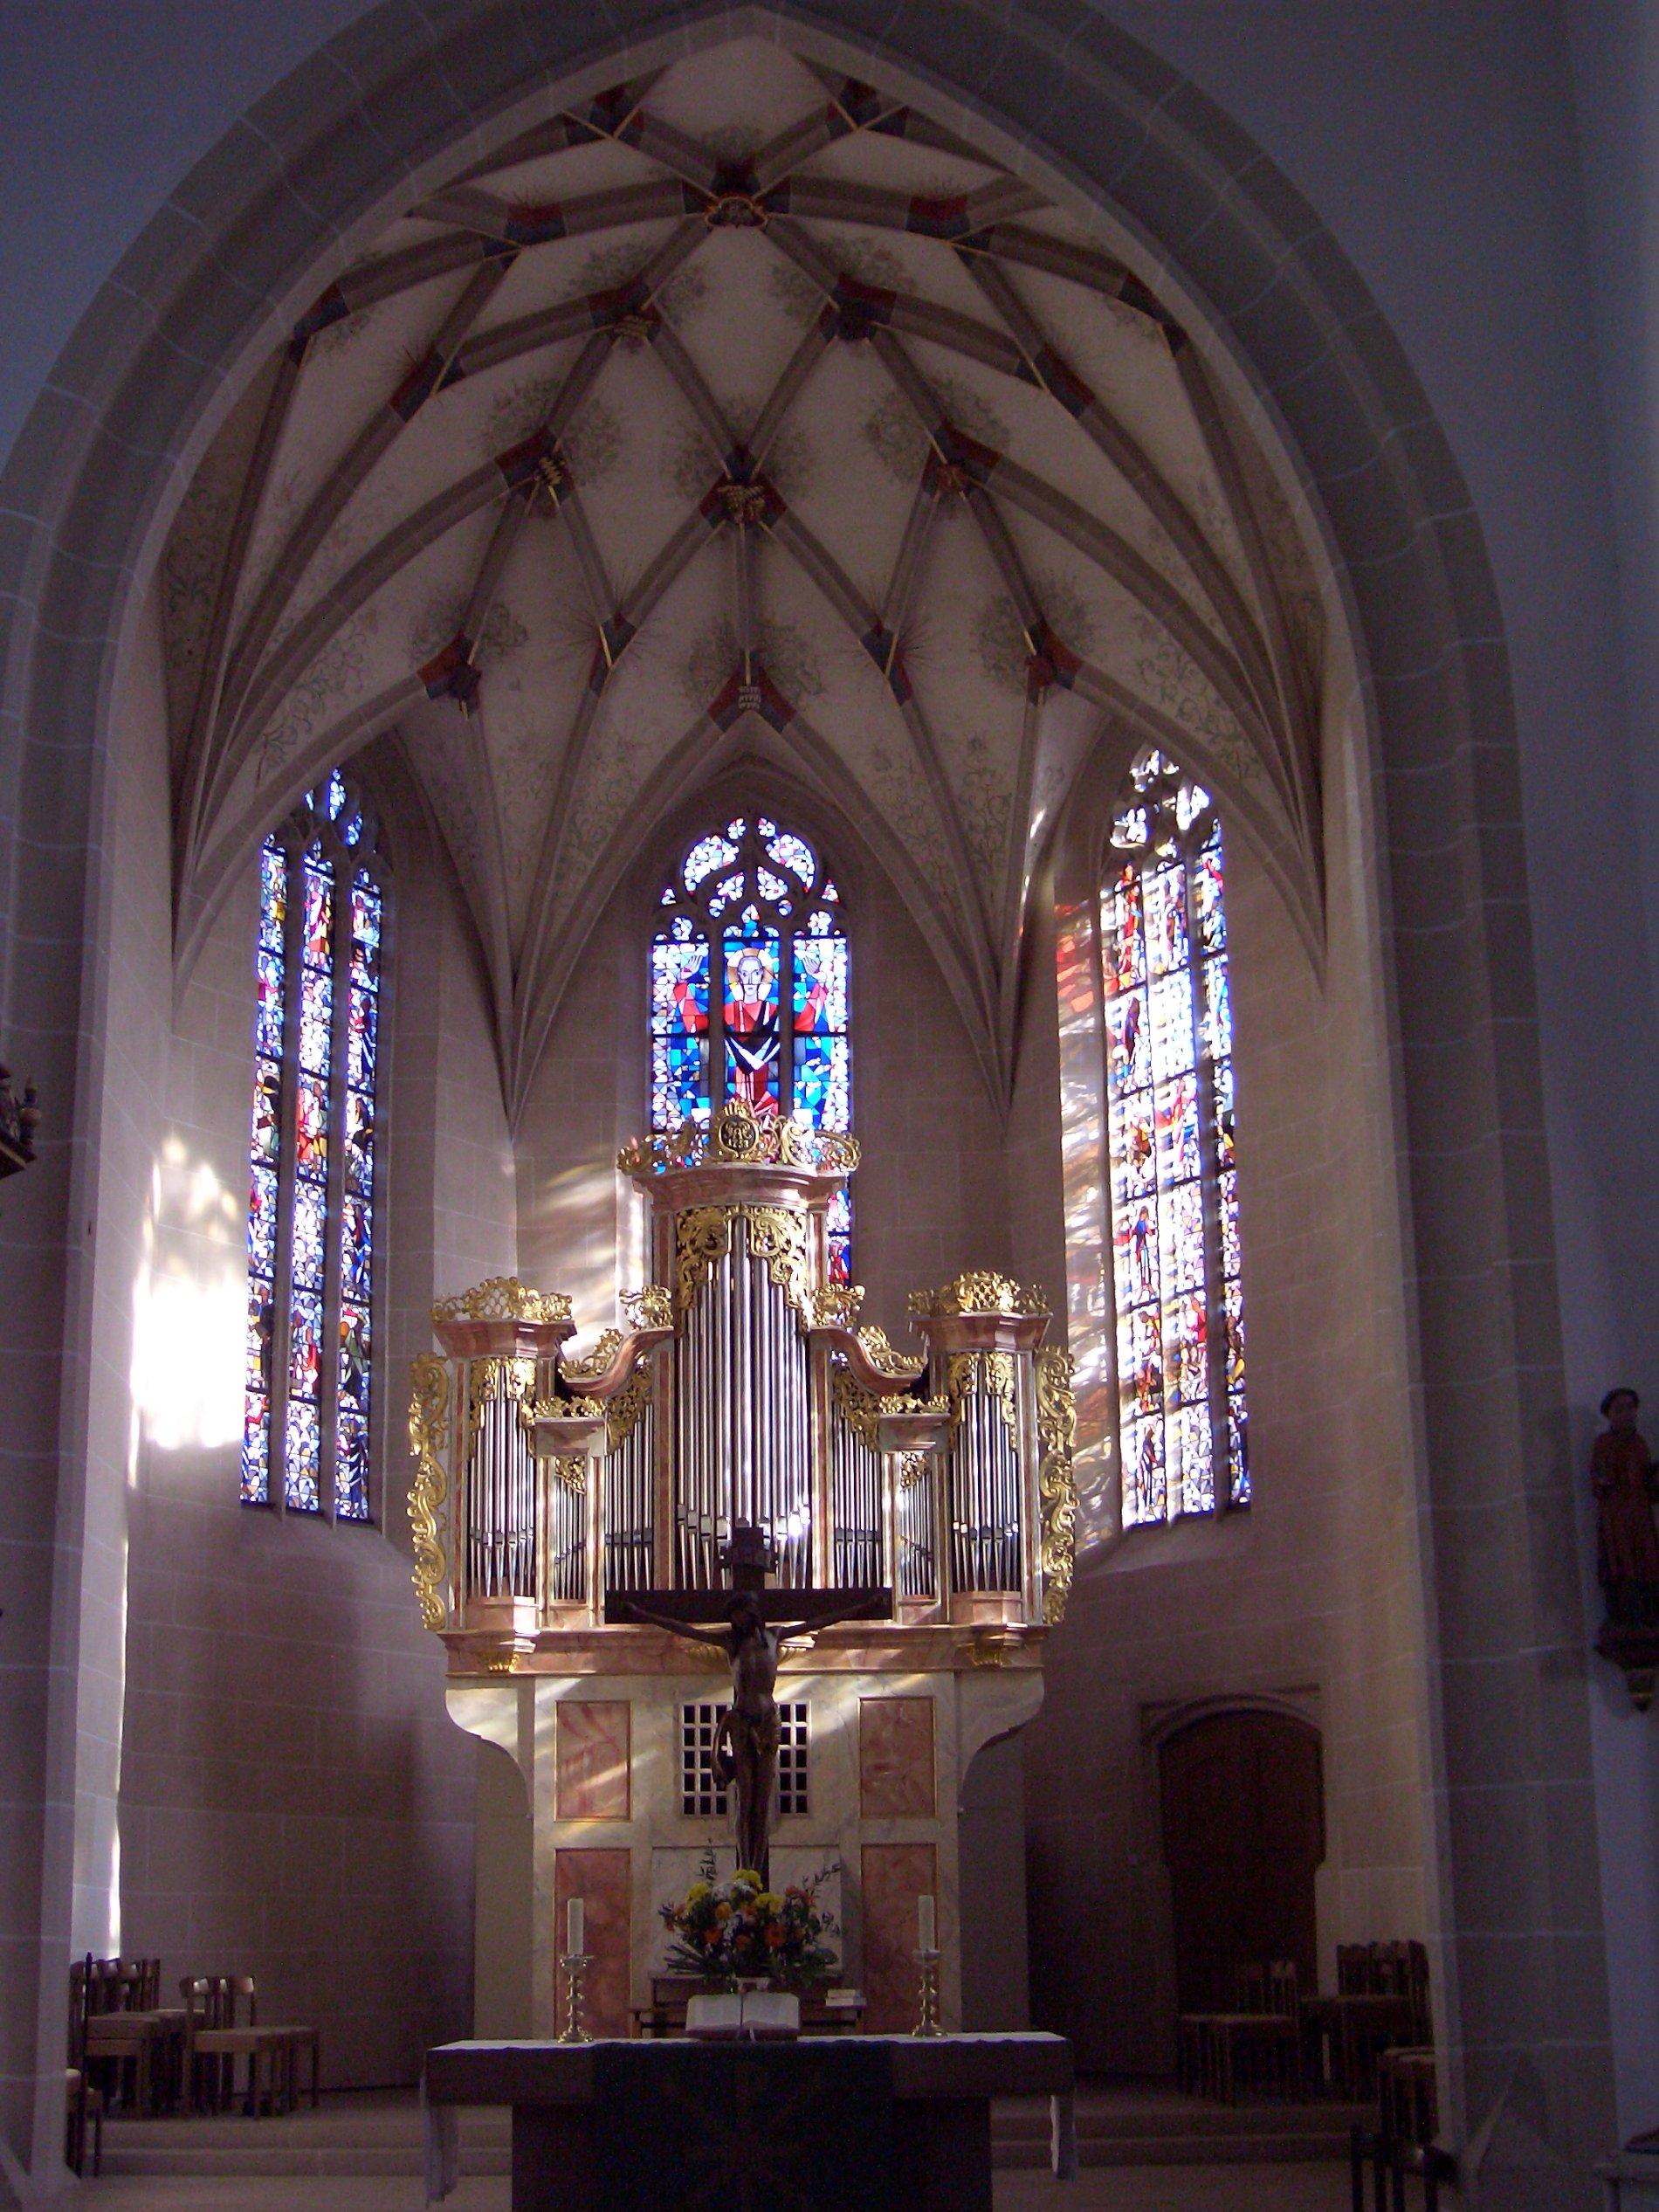 Altar Martinskirche Münsingen, im Hintergrund steht ein Kreuz und die Orgel. 3 Kirchenfenster mit bunten Bildern